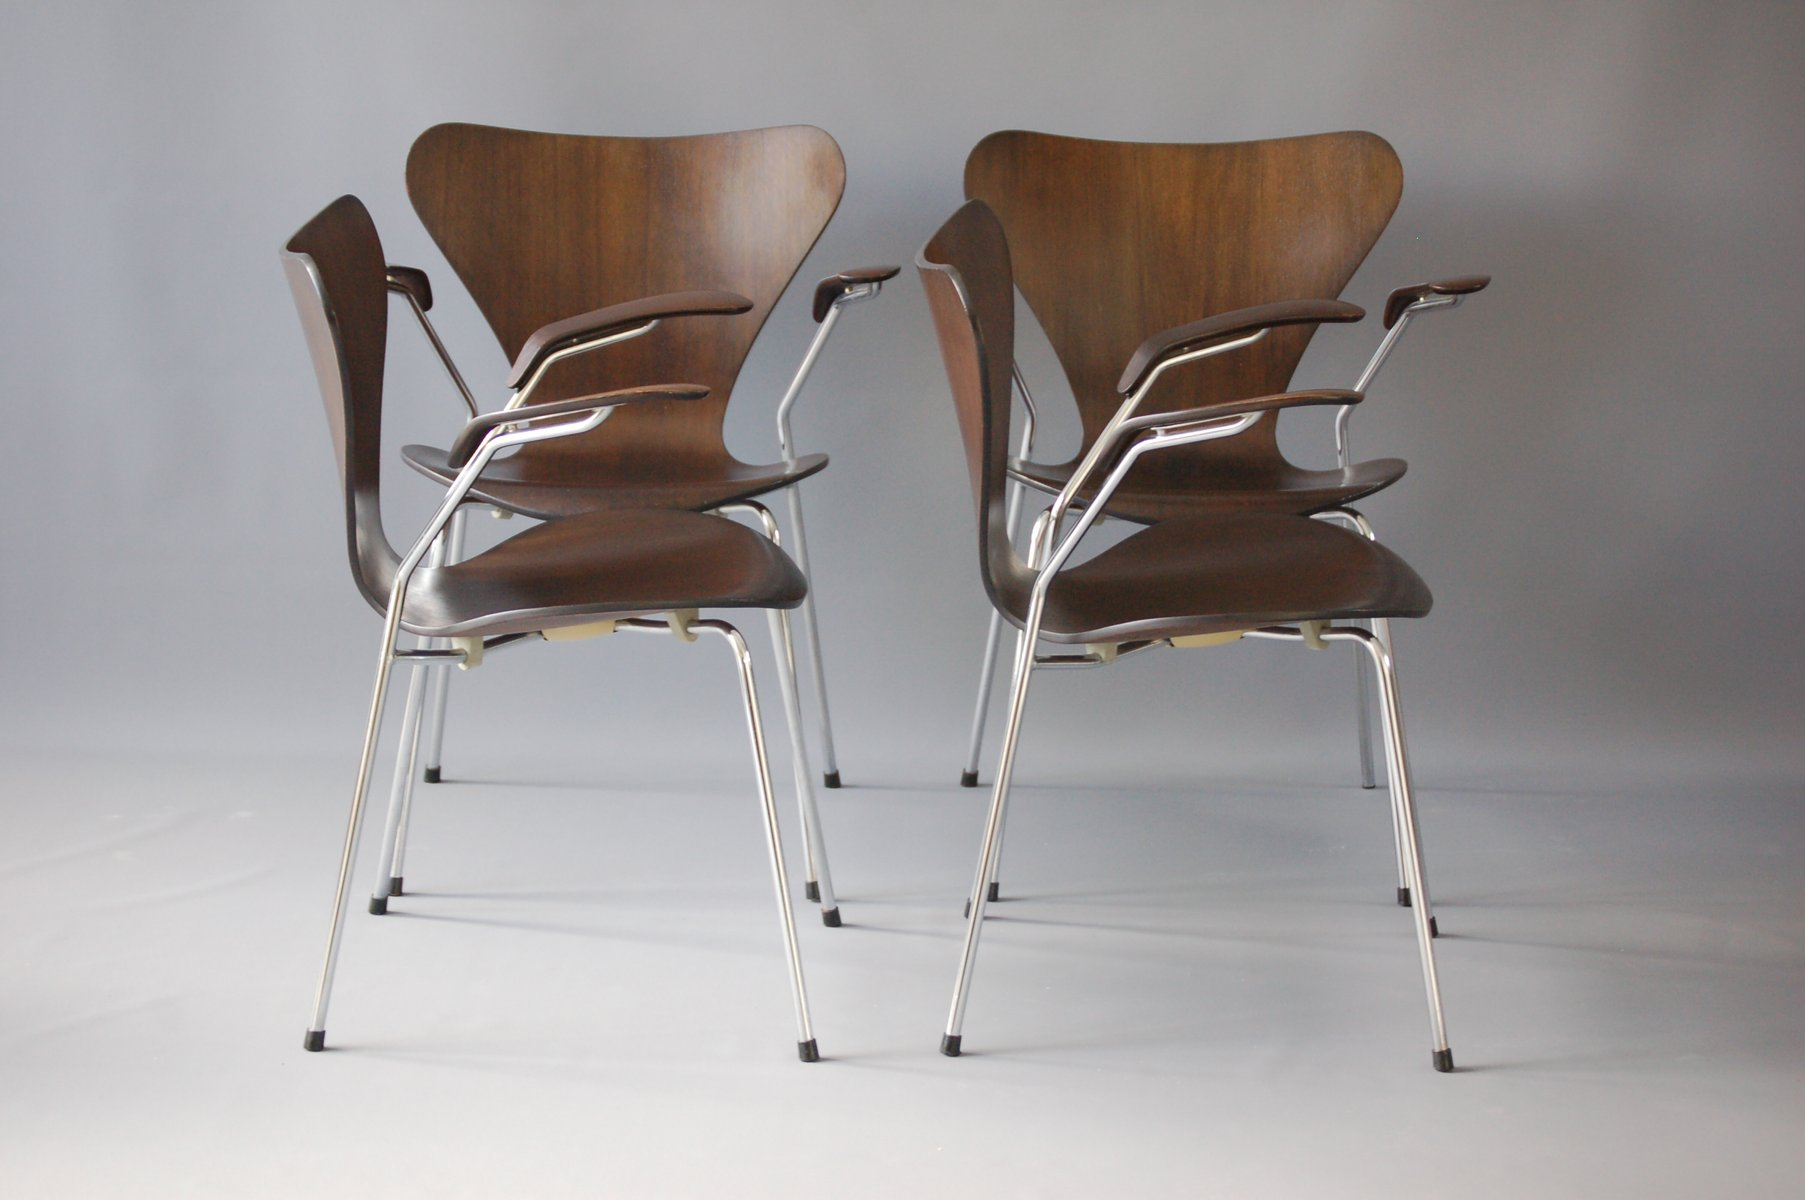 Jacobsen Stühle dunkle eichenholz 3207 stühle arne jacobsen für fritz hansen 1978 4er set bei pamono kaufen